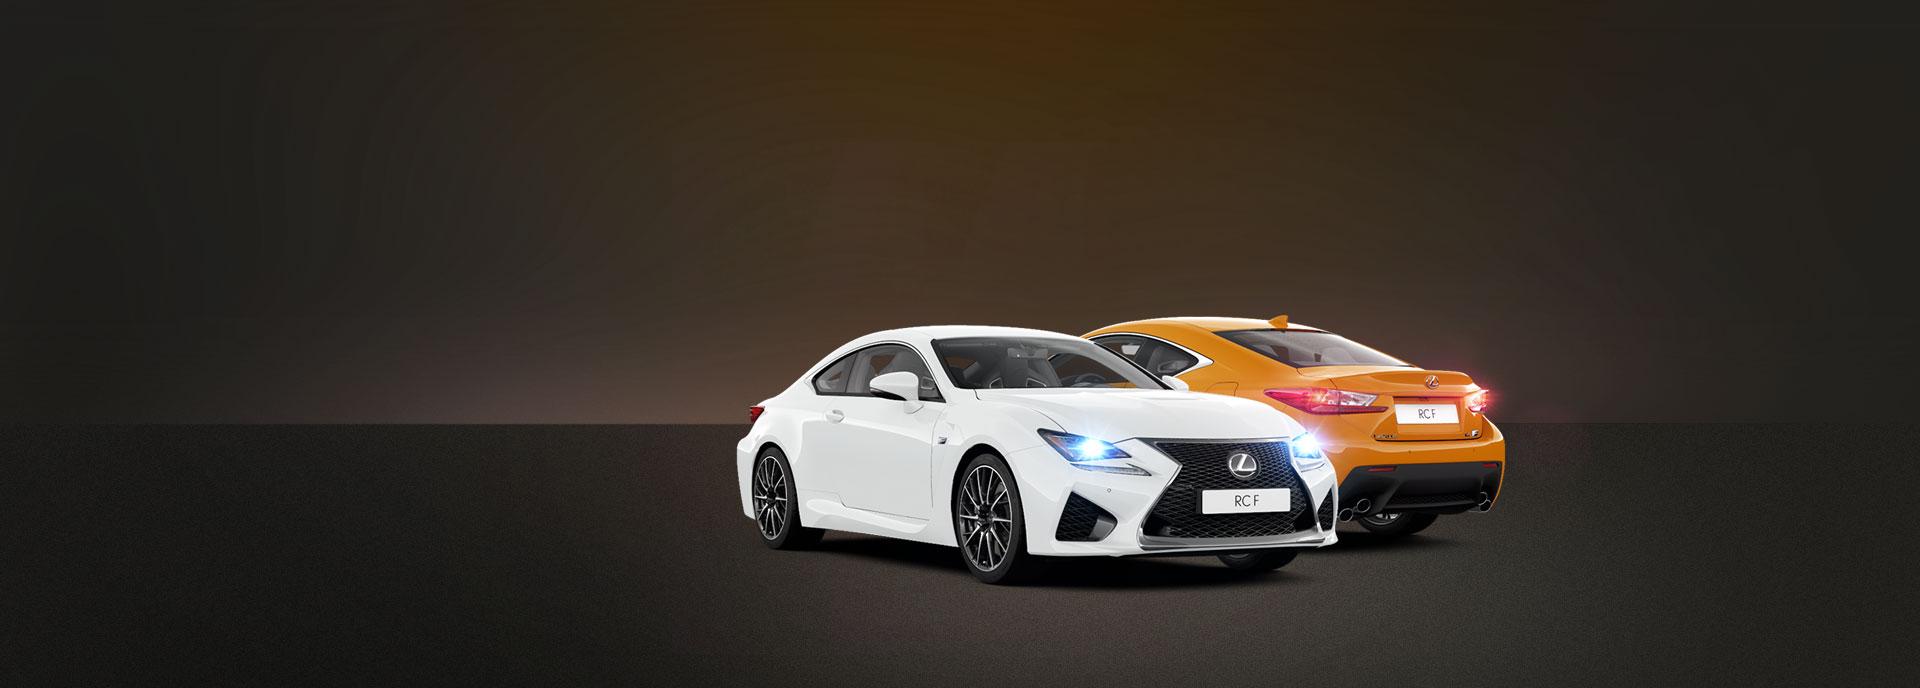 Vooraanzicht van een een witte en achteraanzicht van een oranje Lexus RC F